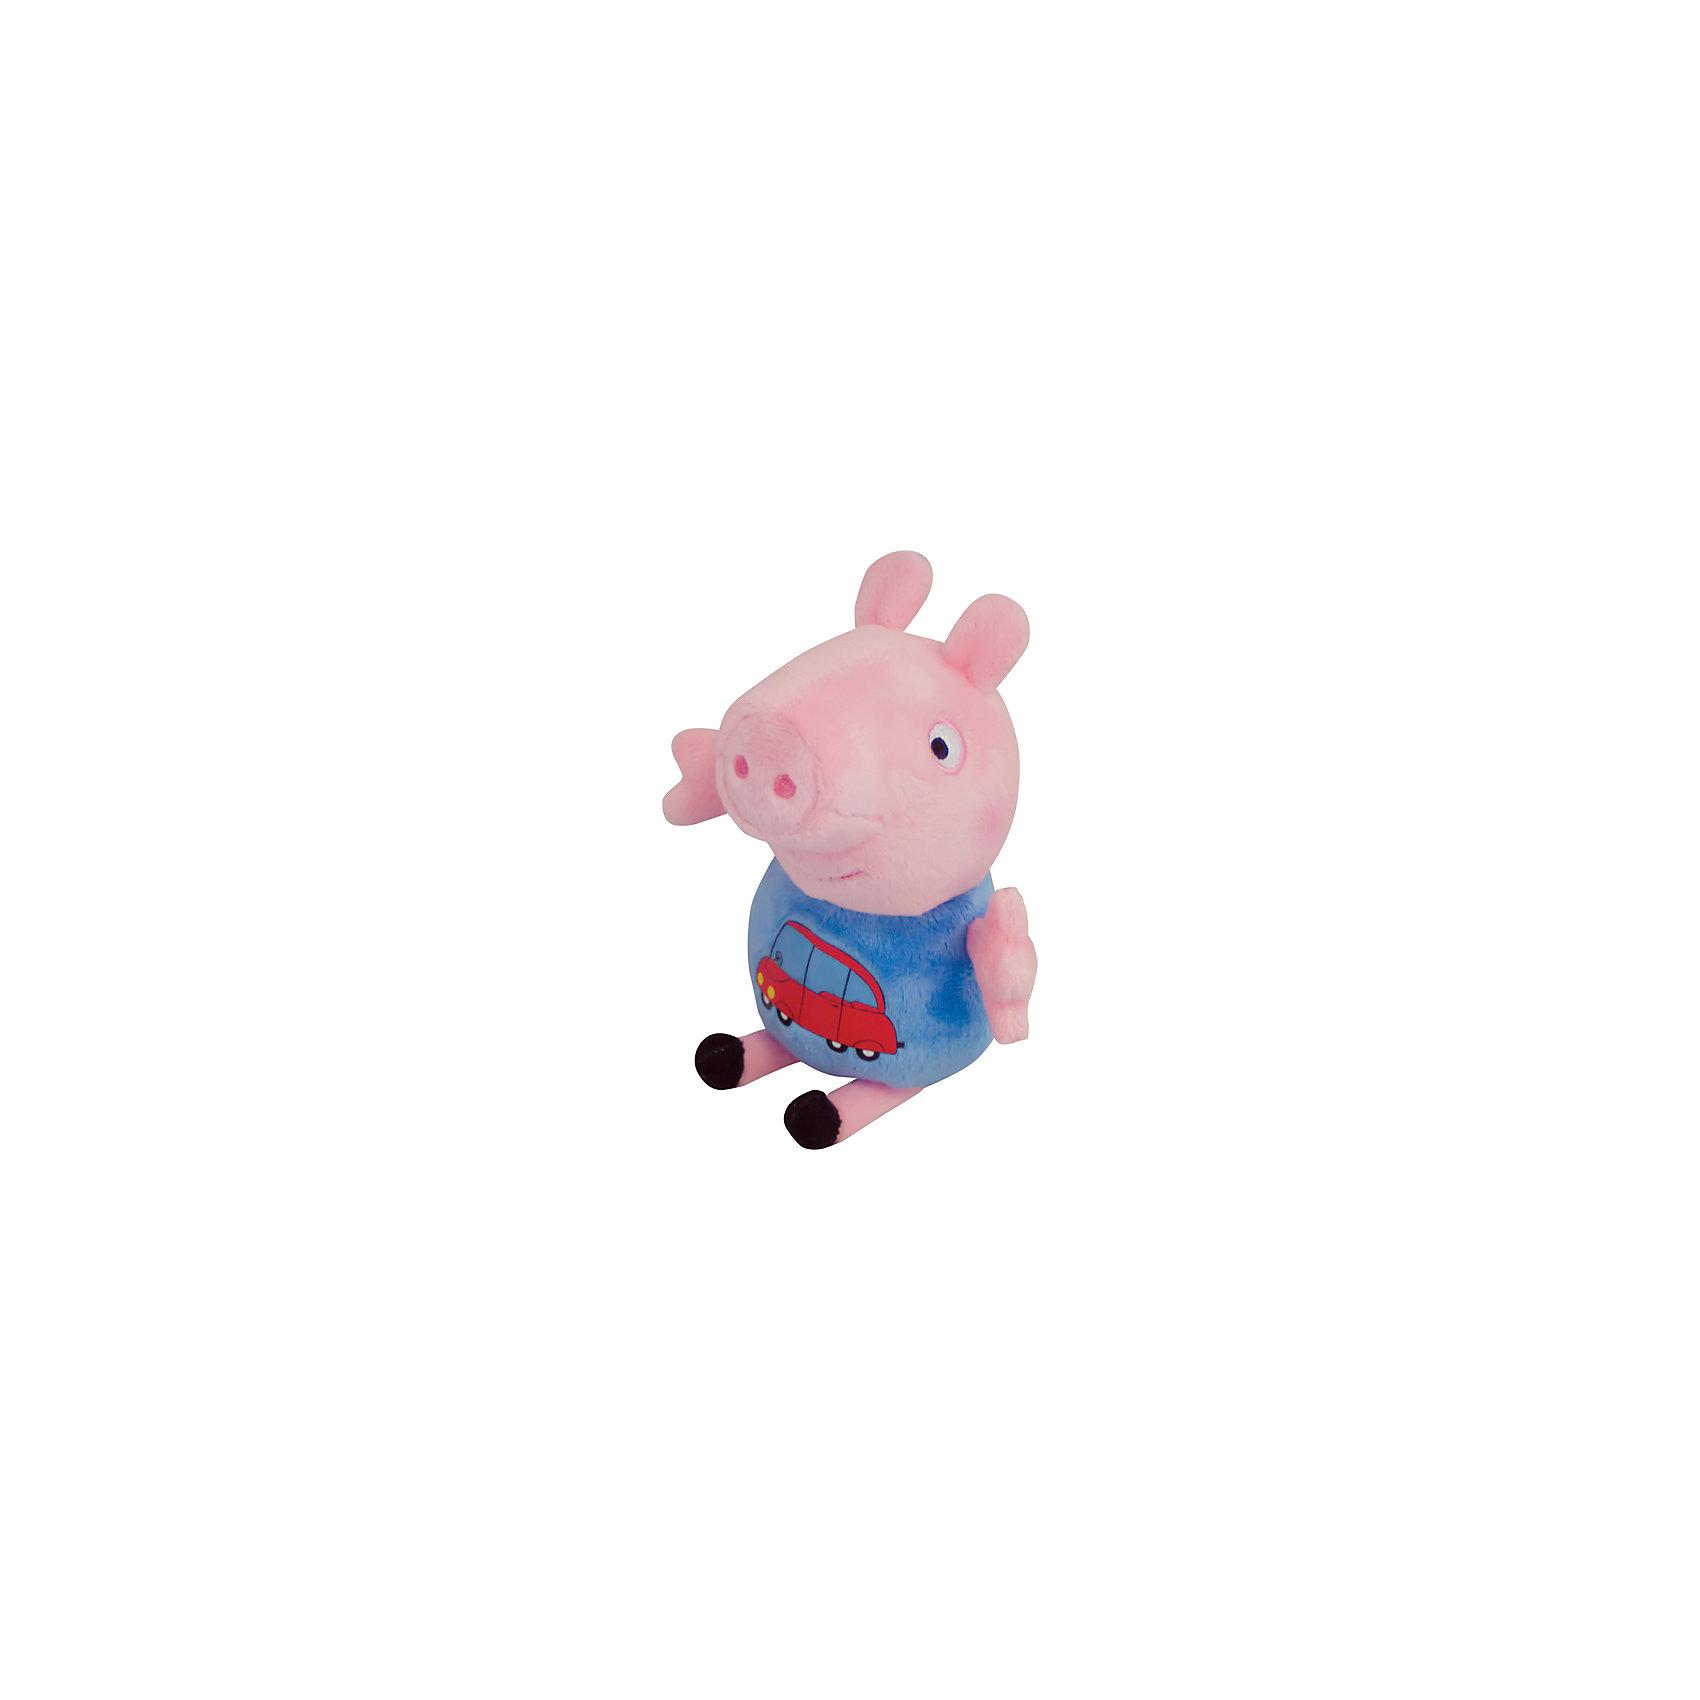 Мягкая ирушка Джордж с машинкой, 18 см, Свинка ПеппаДжордж с машинкой, Свинка Пеппа - чудесная мягкая игрушка, которая обязательно порадует Вашего малыша. Маленький братик свинки Пеппы такой же милый и забавный как и его сестренка из популярного детского мультсериала Свинка Пеппа (Peppa Pig). Игрушка выполнена из мягкой и нежной велюровой ткани и очень похожа на свой оригинал из мультика. Глазки, носик и ротик Джорджа выполнены в виде плотной вышивки, а его пижамка украшена яркой аппликацией в виде машинки. Собрав вместе других персонажей из серии Peppa Pig можно придумать множество веселых игр, которые будут развивать воображение и навыки общения.<br><br>Дополнительная информация:<br><br>- Материал: велюр, наполнитель<br>- Высота игрушки: 18 см.<br>- Размер упаковки: 9 x 8 x 18 см. <br>- Вес: 60 гр.<br><br>Мягкую игрушку Джордж с машинкой, 18 см., Свинка Пеппа, можно купить в нашем интернет-магазине.<br><br>Ширина мм: 90<br>Глубина мм: 80<br>Высота мм: 180<br>Вес г: 60<br>Возраст от месяцев: 36<br>Возраст до месяцев: 72<br>Пол: Унисекс<br>Возраст: Детский<br>SKU: 4330042